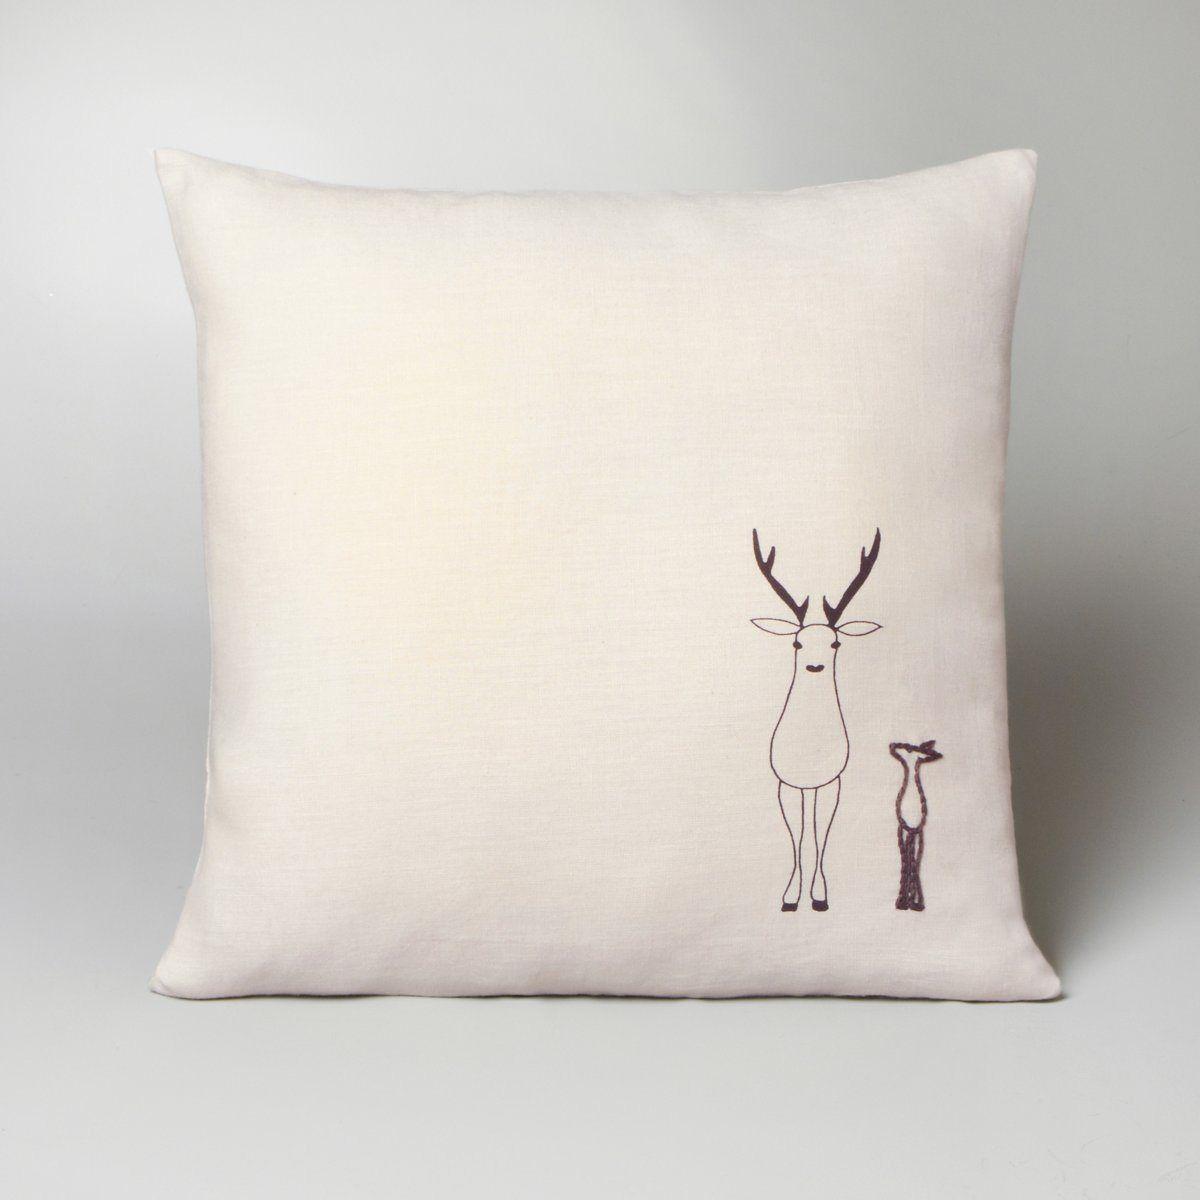 housse de coussin caribou lin brod beige et rose 45x45 lin 25 am pm coussins. Black Bedroom Furniture Sets. Home Design Ideas